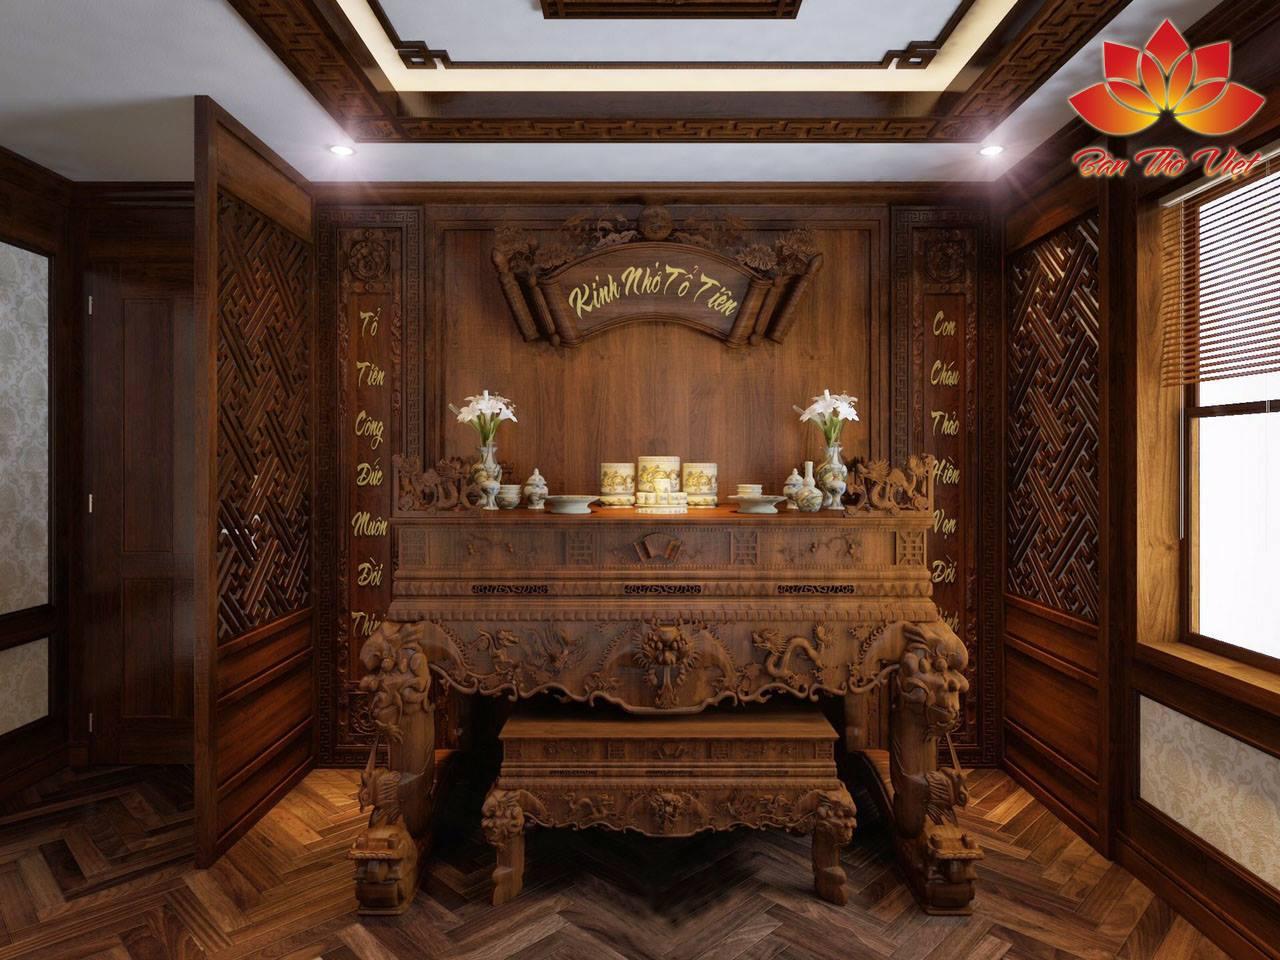 Nhận tư vấn, thiết kế và thi công nội thất phòng thờ ở Hải Dương trọn gói